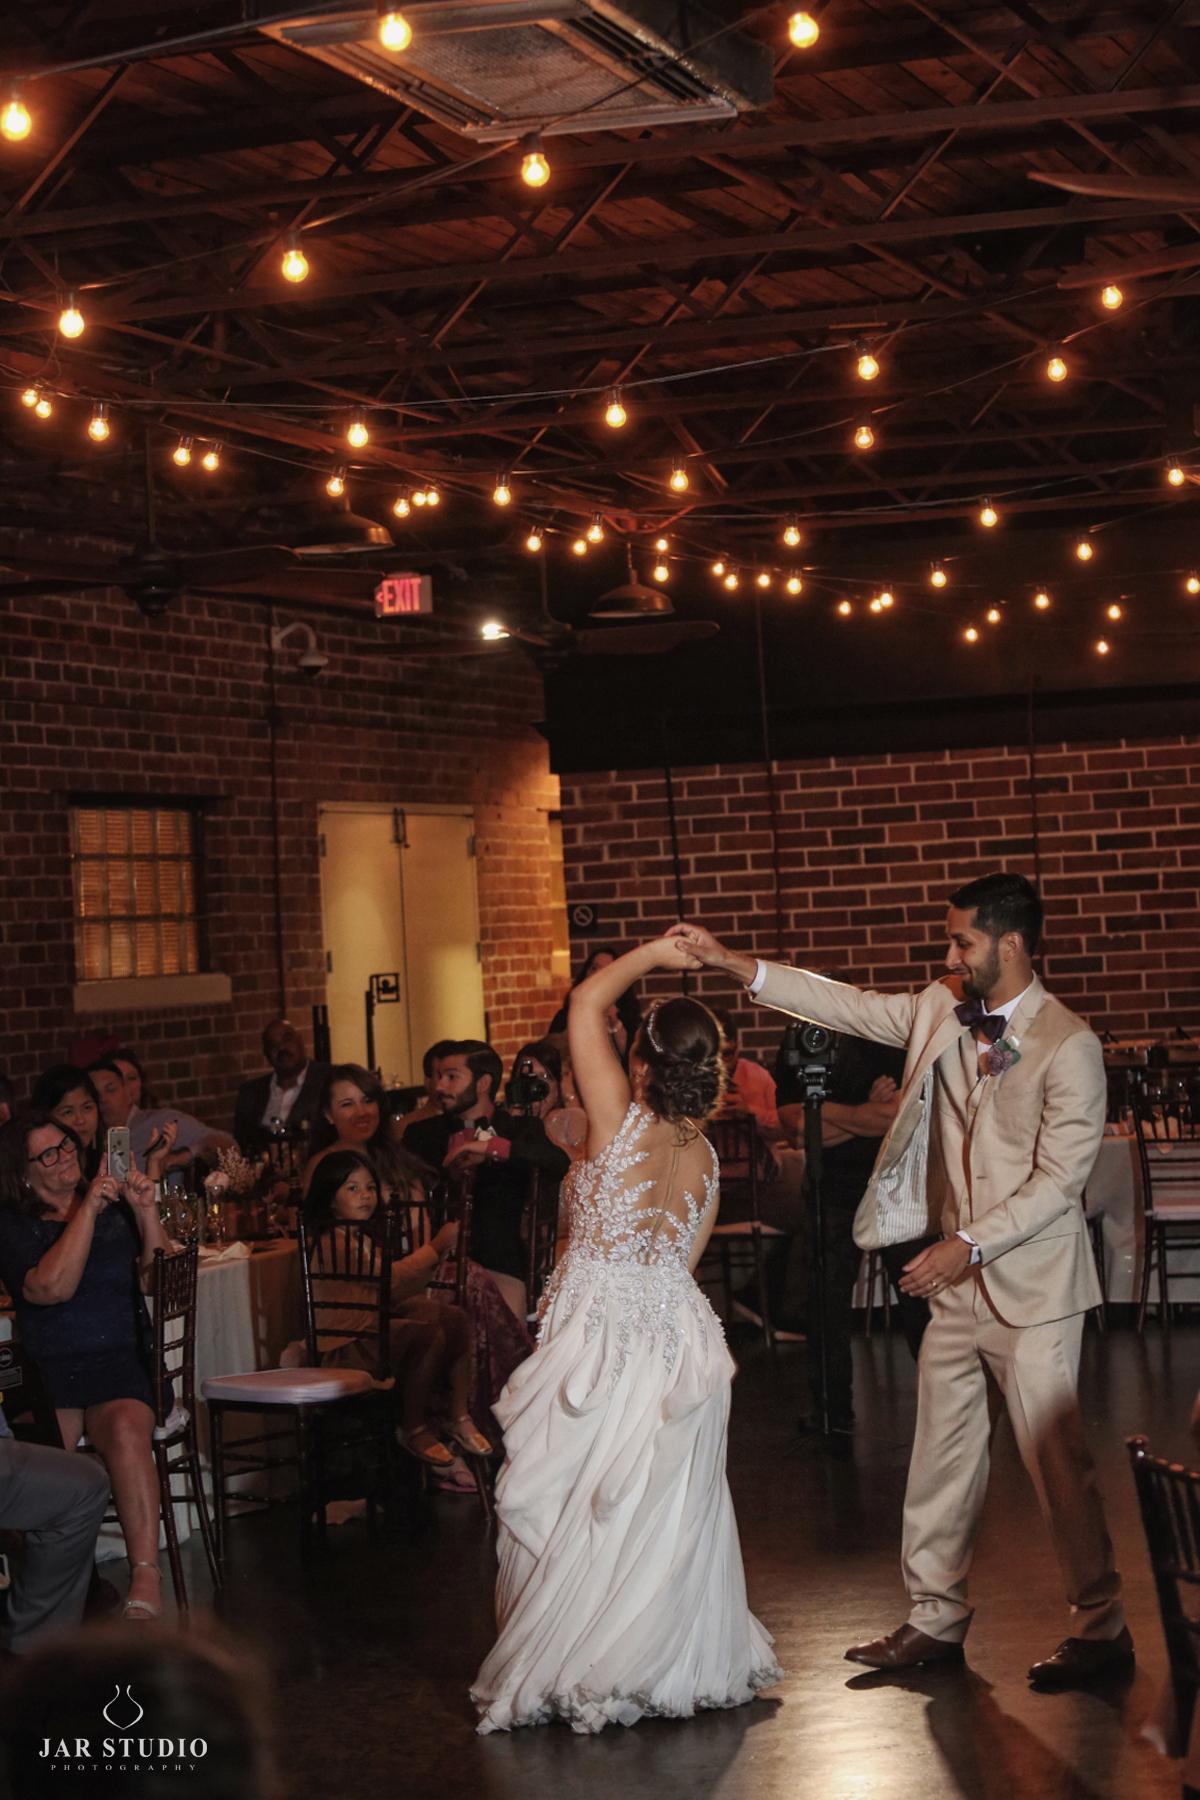 jarstudio-wedding-photographer-753.JPG